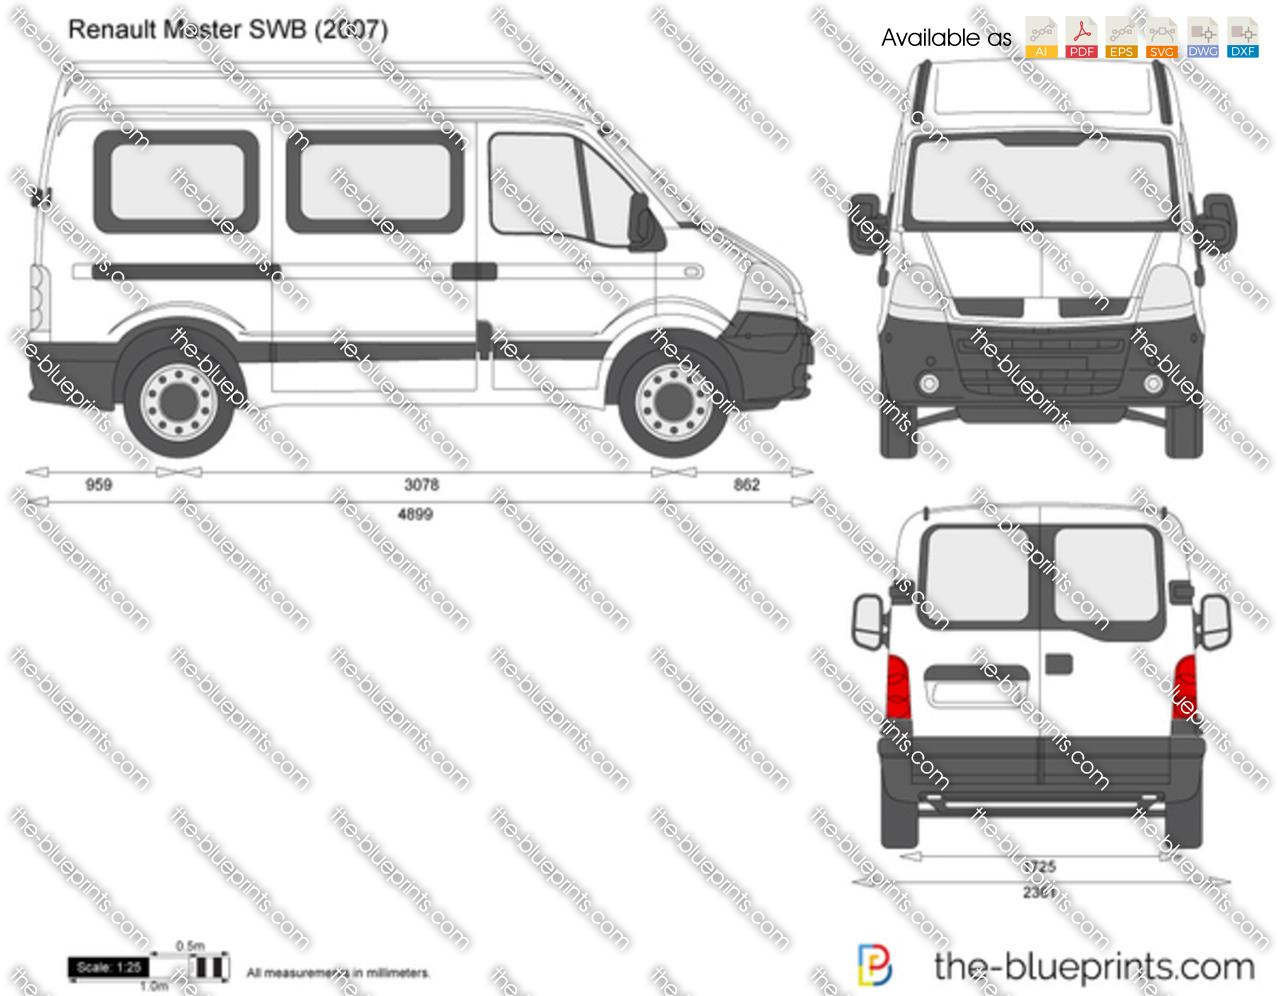 Renault Master SWB 2005